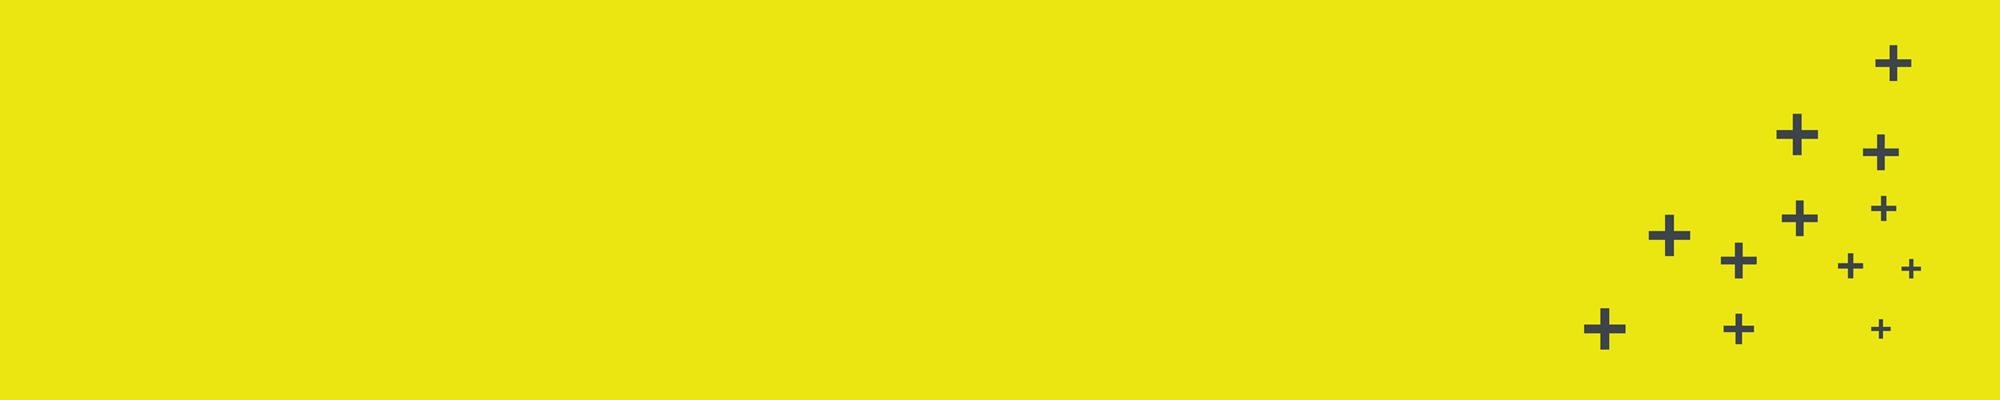 yellow art pattern